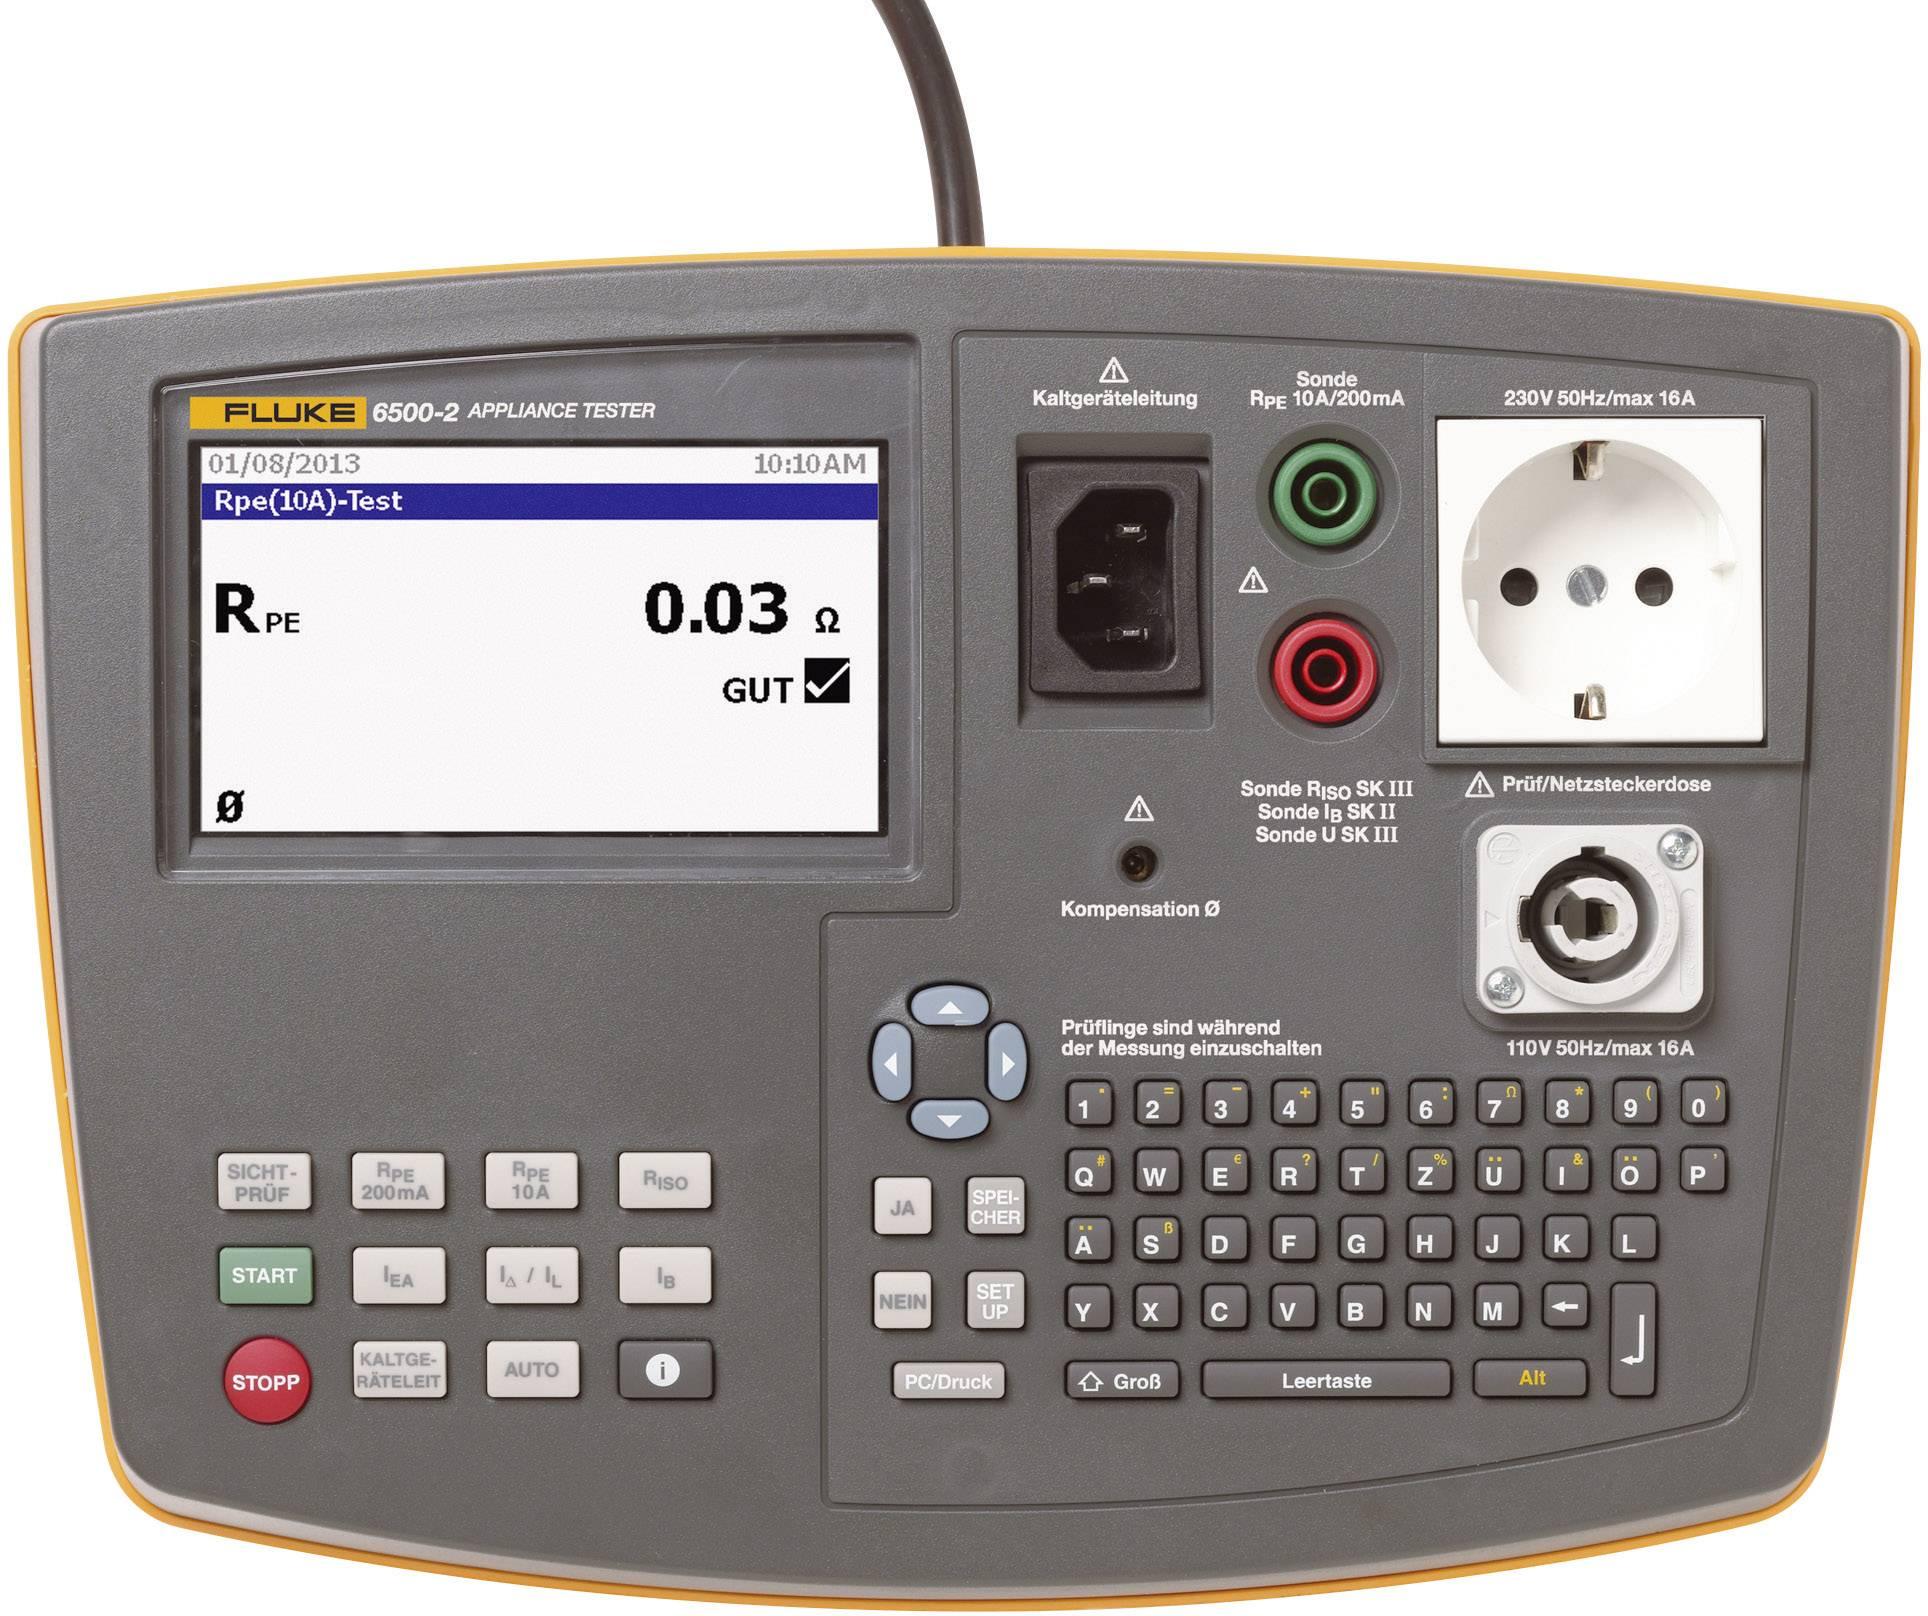 Sada testeru spotřebičů Fluke 6500-2 DE 3DAY SEM se softwarem